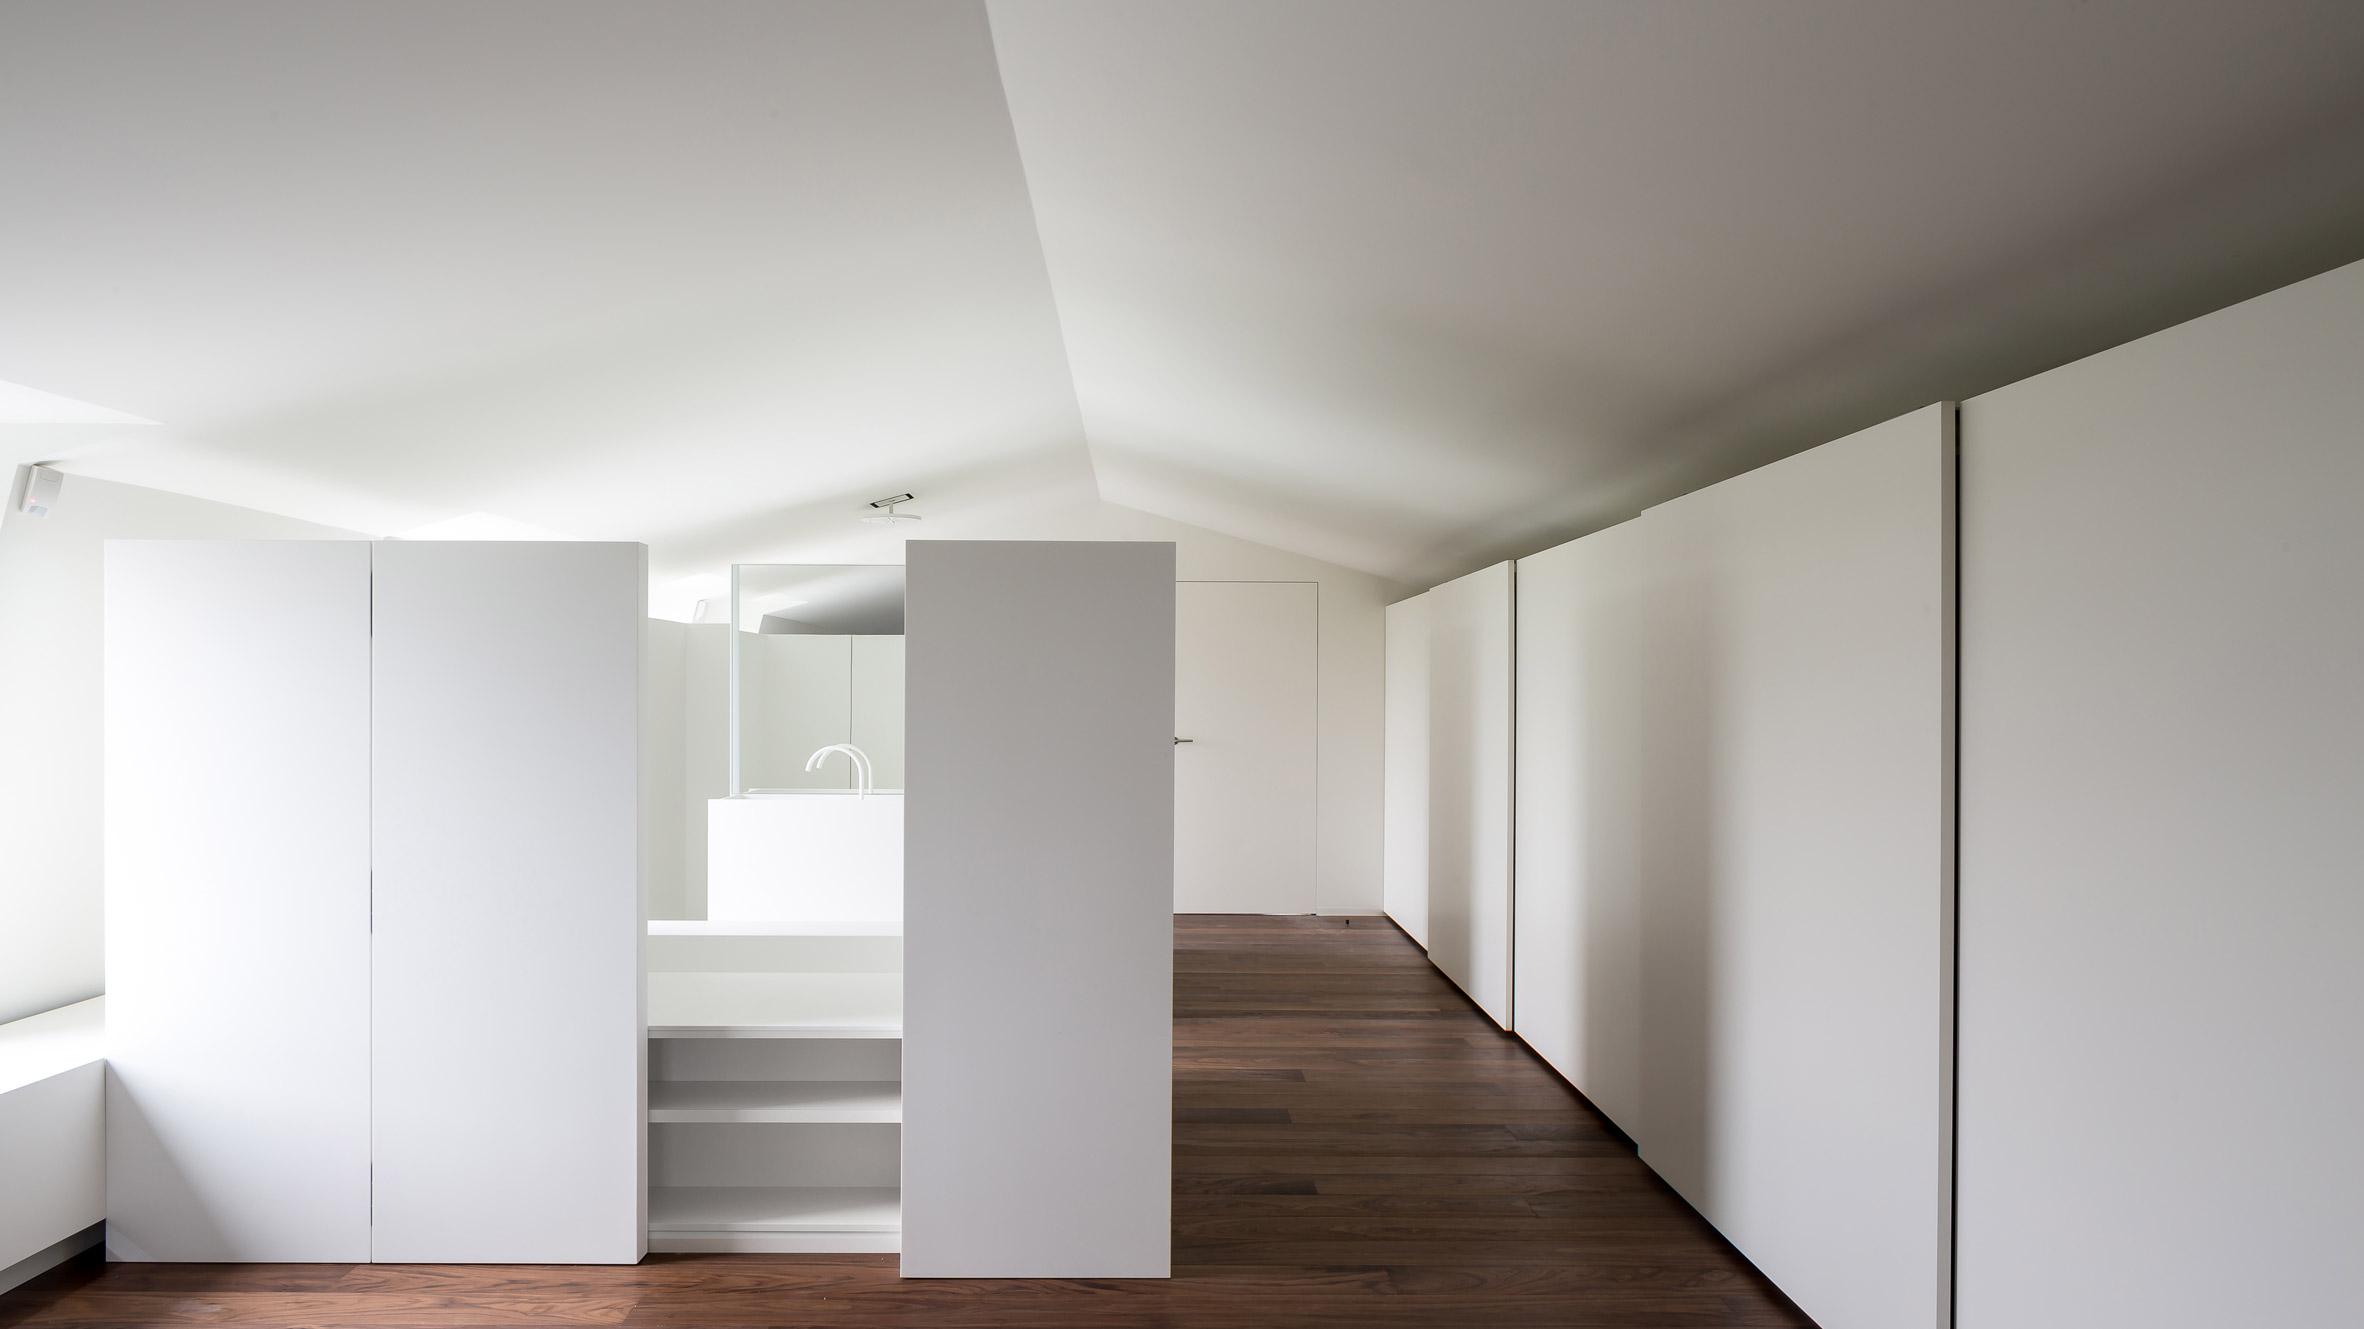 10 best minimalist bathrooms on Dezeen